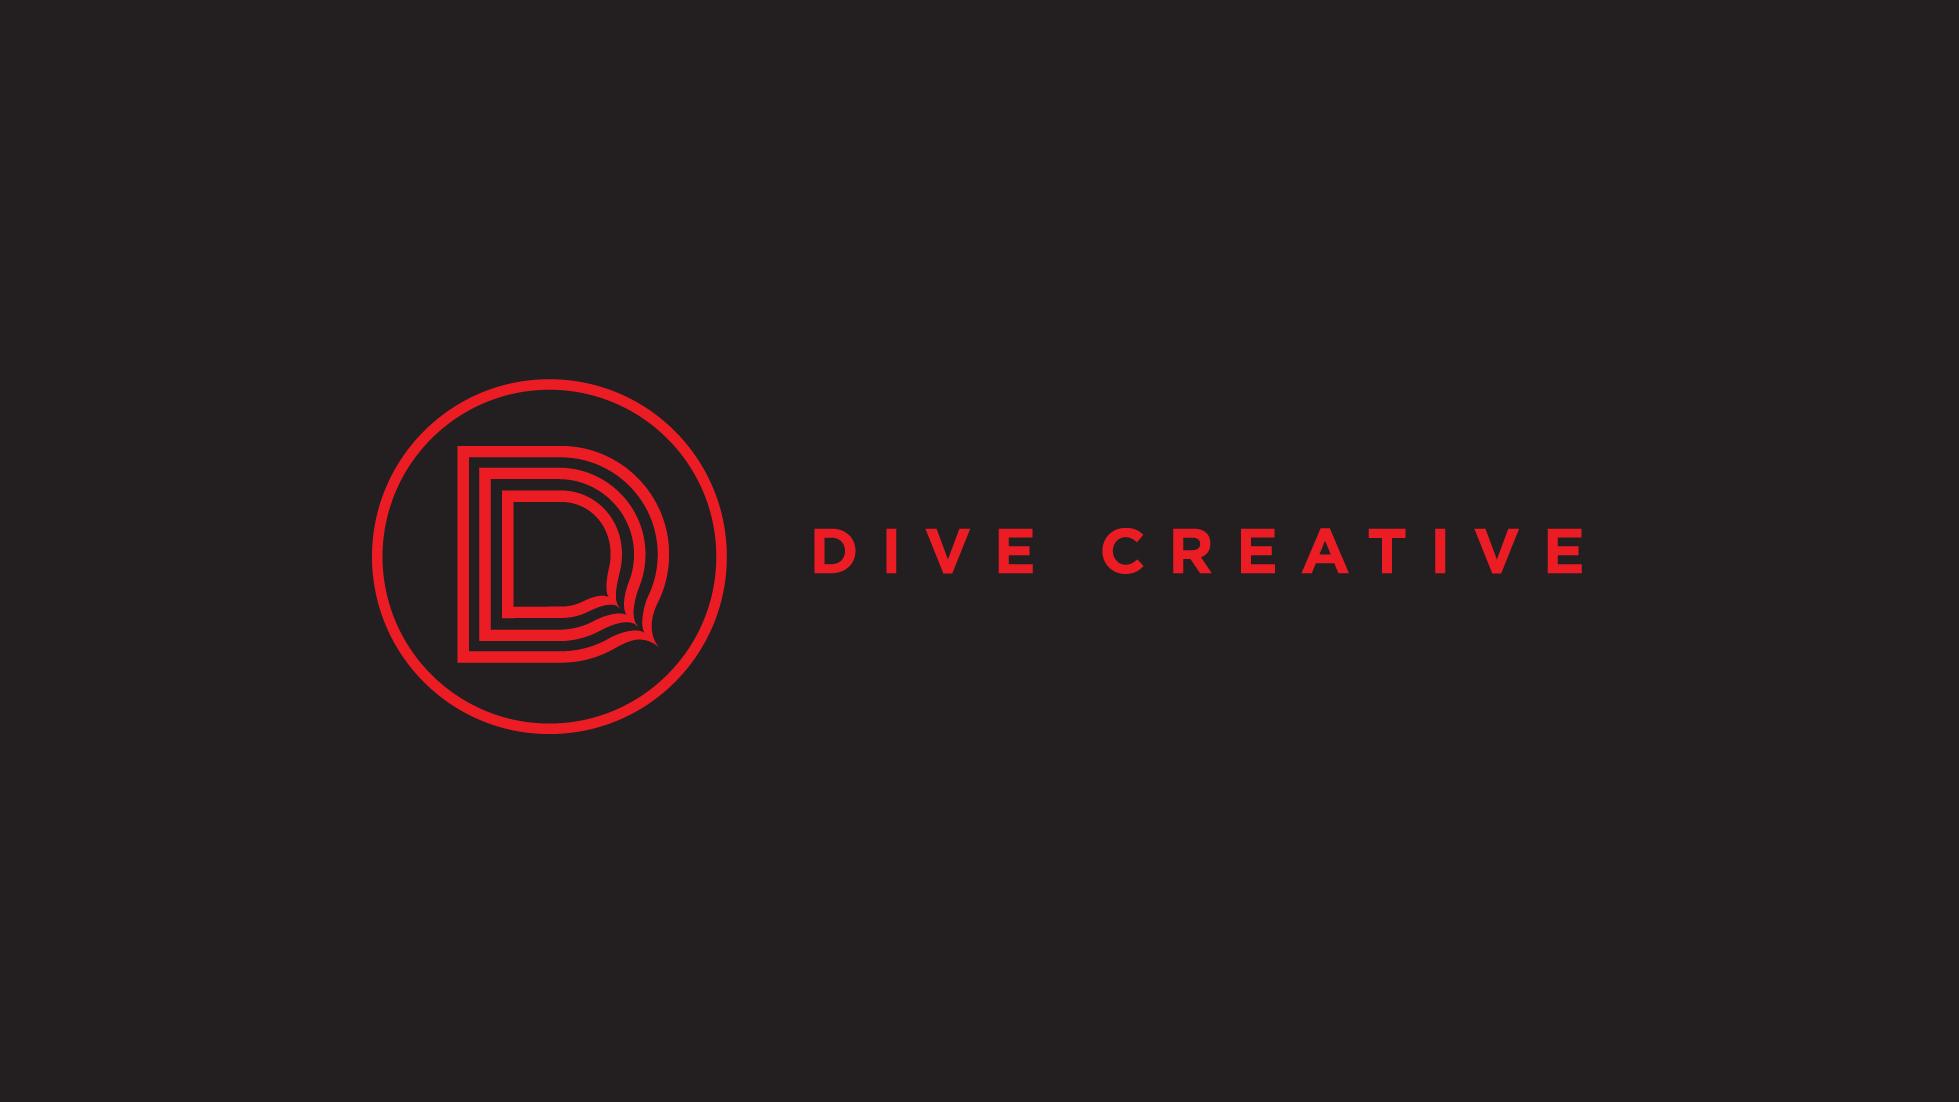 DC logo concept